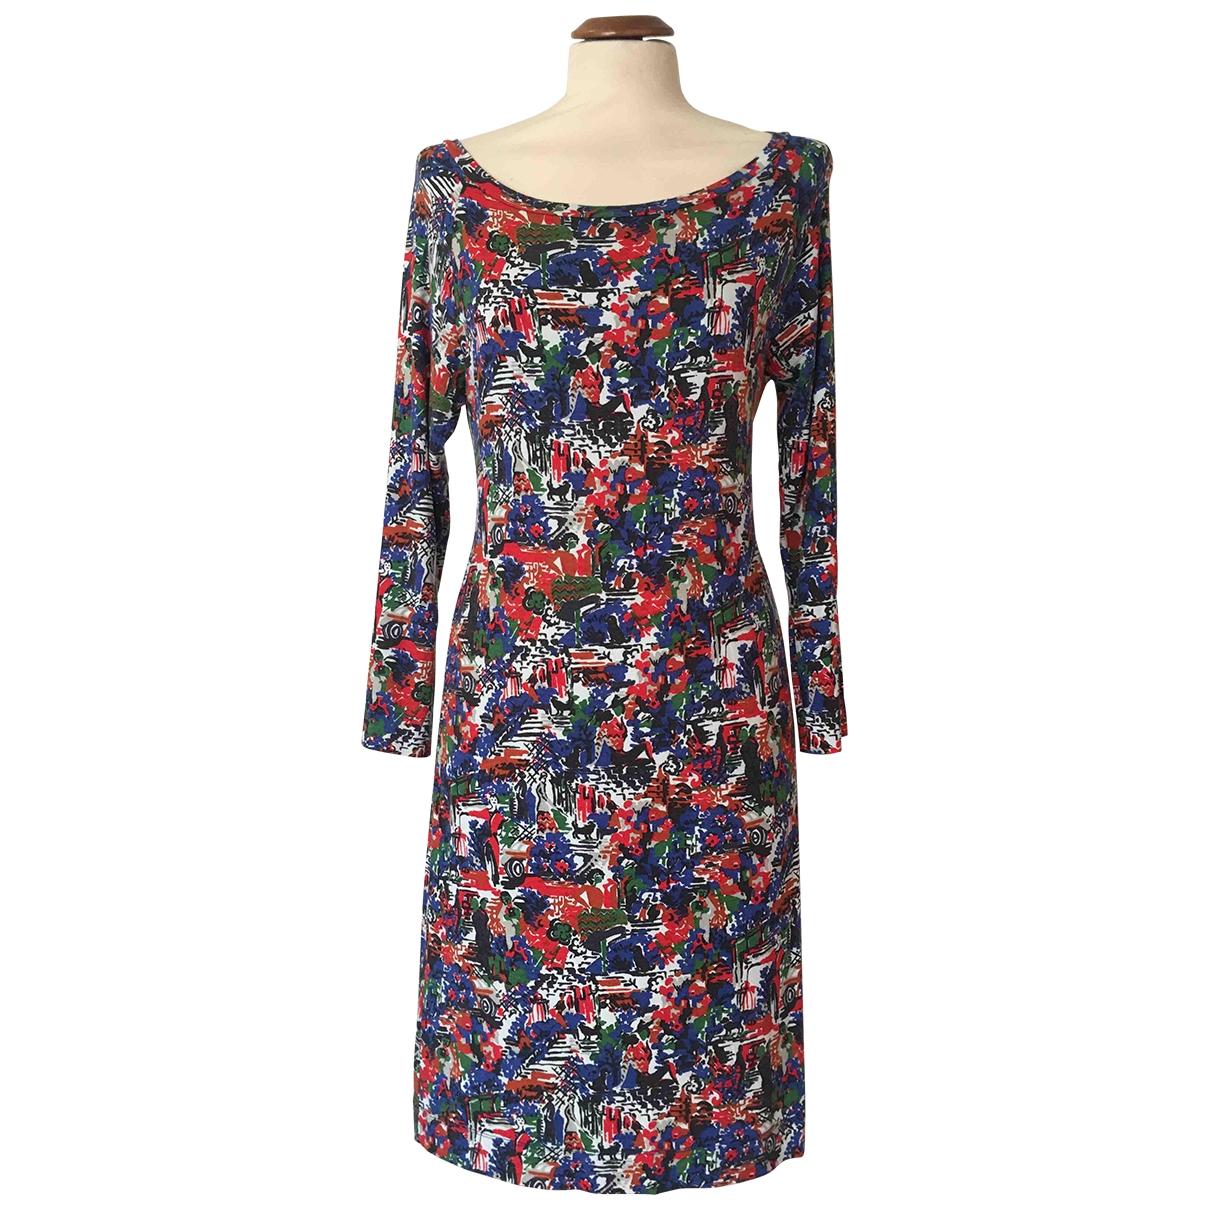 M Missoni \N Multicolour Cotton dress for Women 42 IT